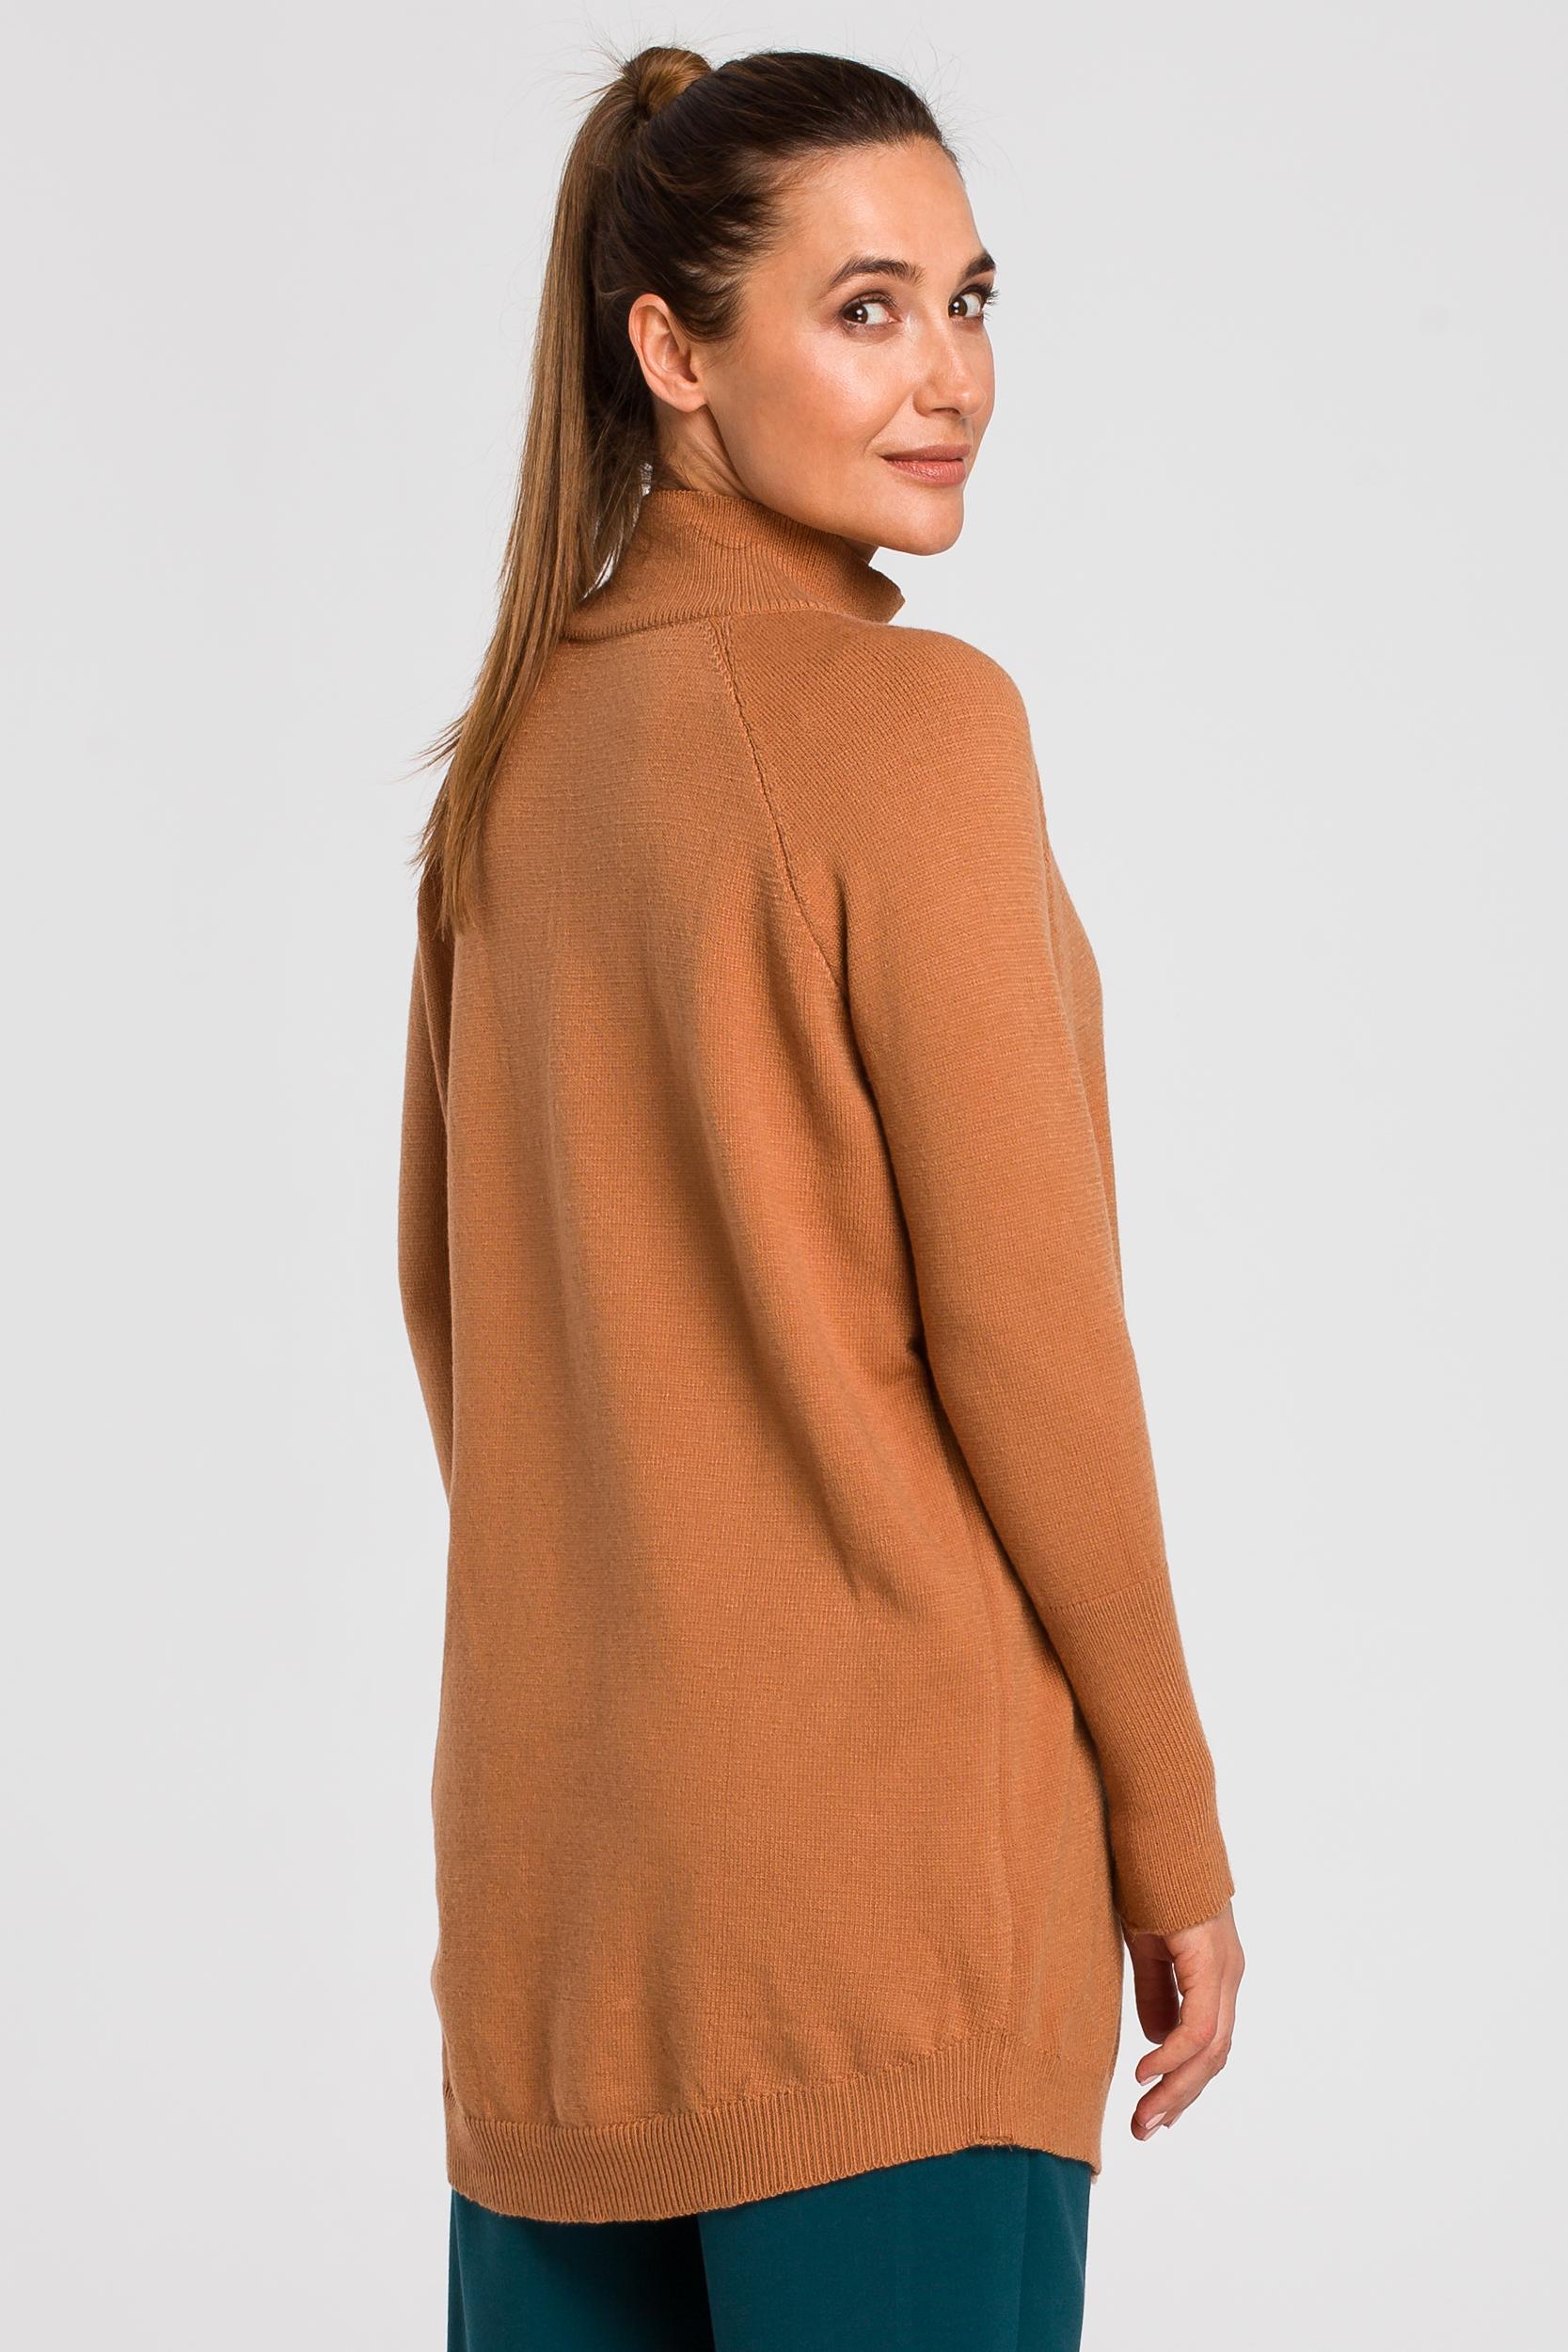 CM4646 Dłuższy sweter z prążkowanym półgolfem - kamelowy